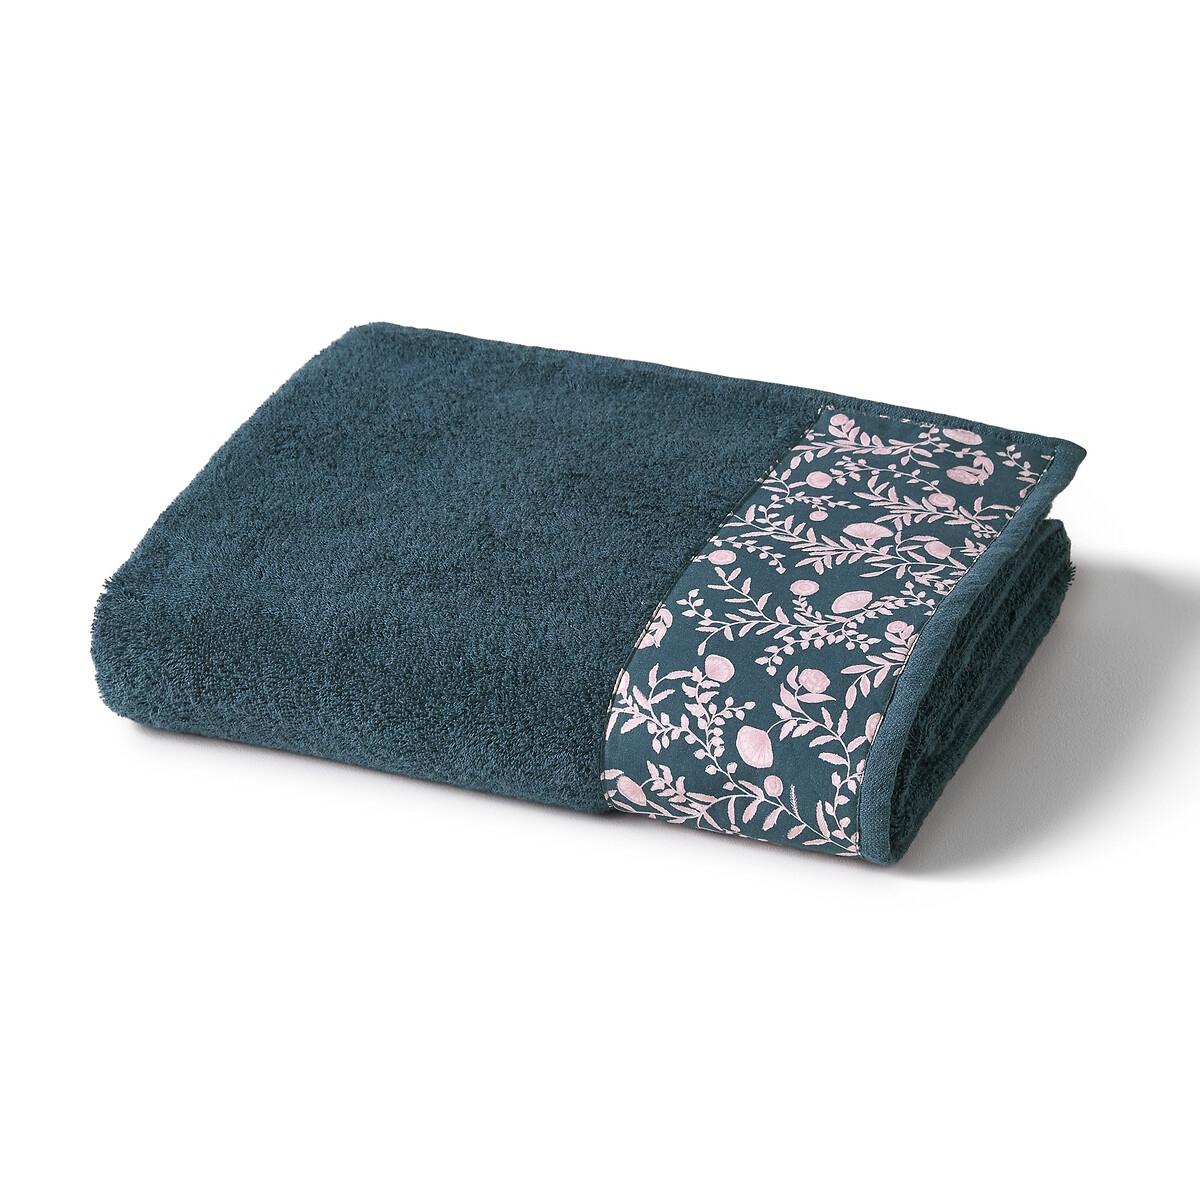 Полотенце La Redoute Туалетное махровое Vimala 50 x 100 см синий полотенце proffi home классик цвет шоколадный 50 x 100 см